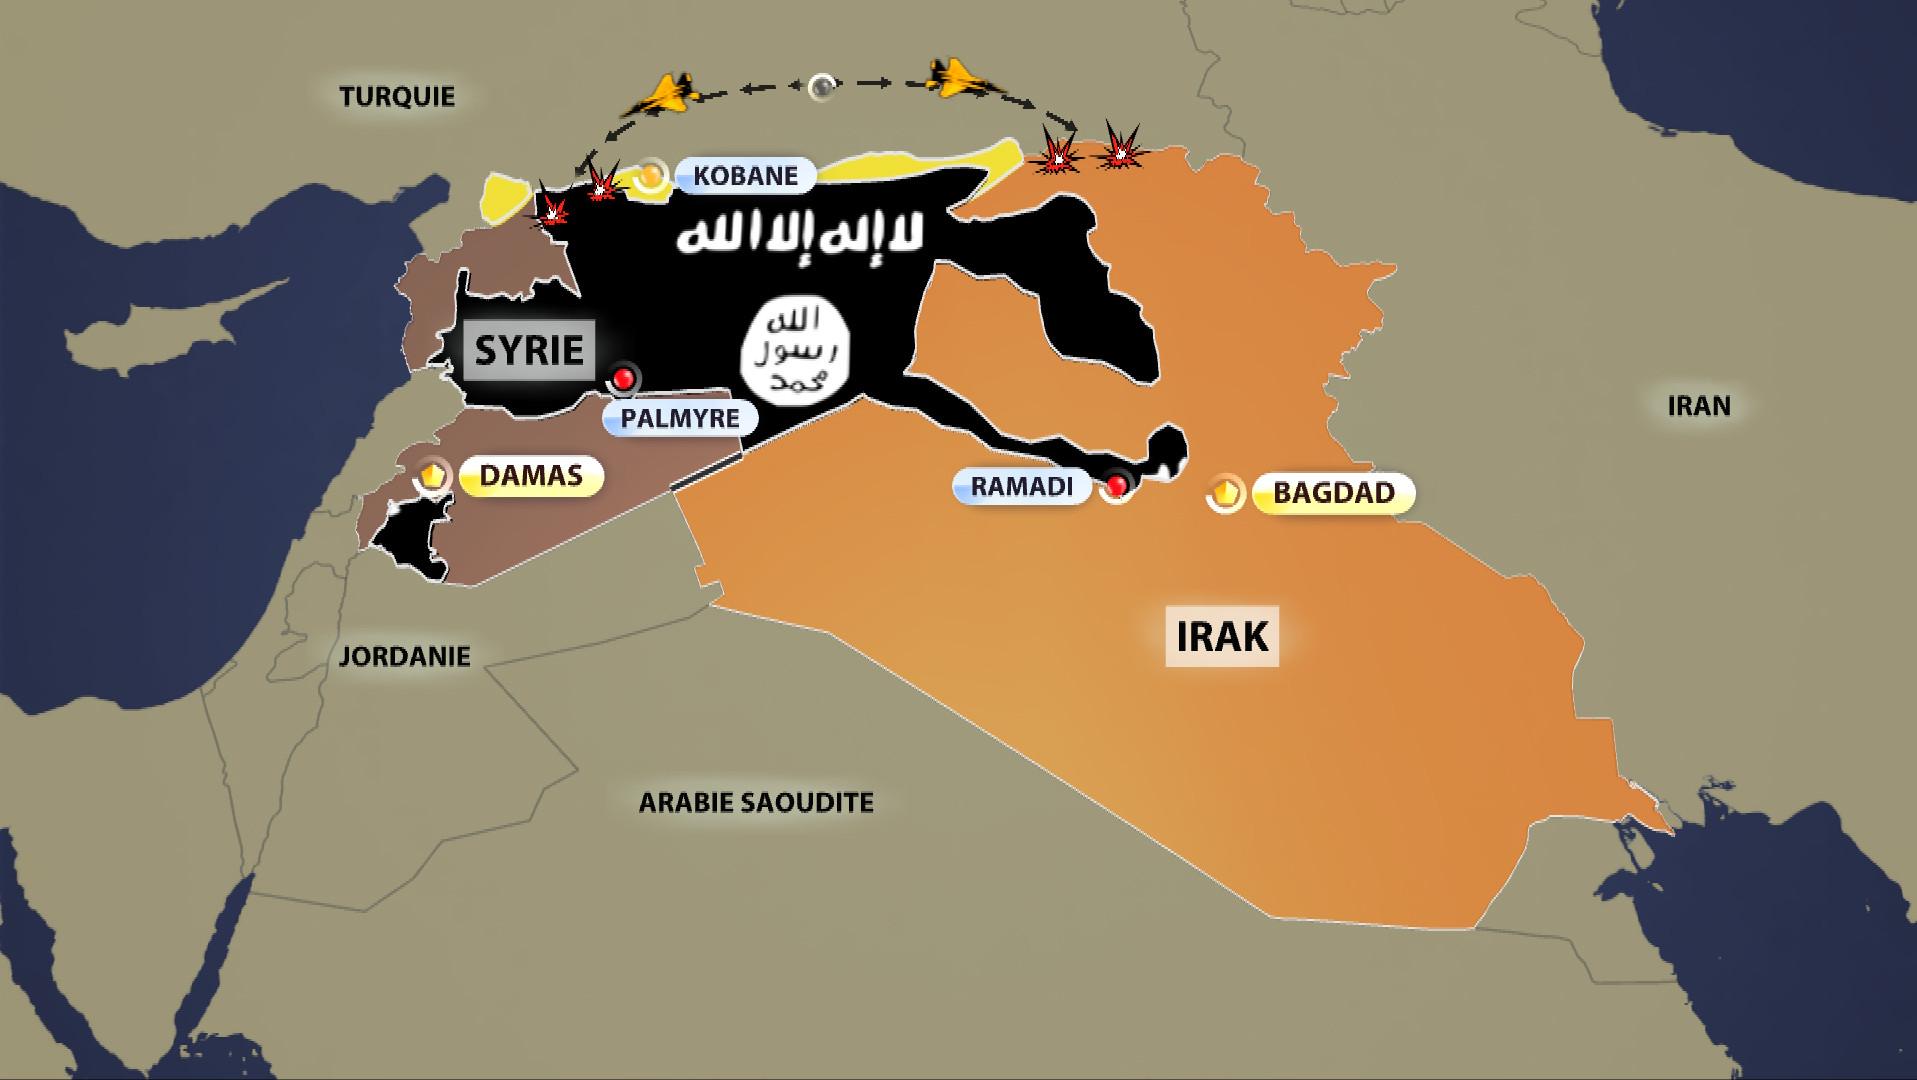 Syrie : les frappes américaines de soutien aux rebelles modérés, un moyen d'abattre el-Assad ?